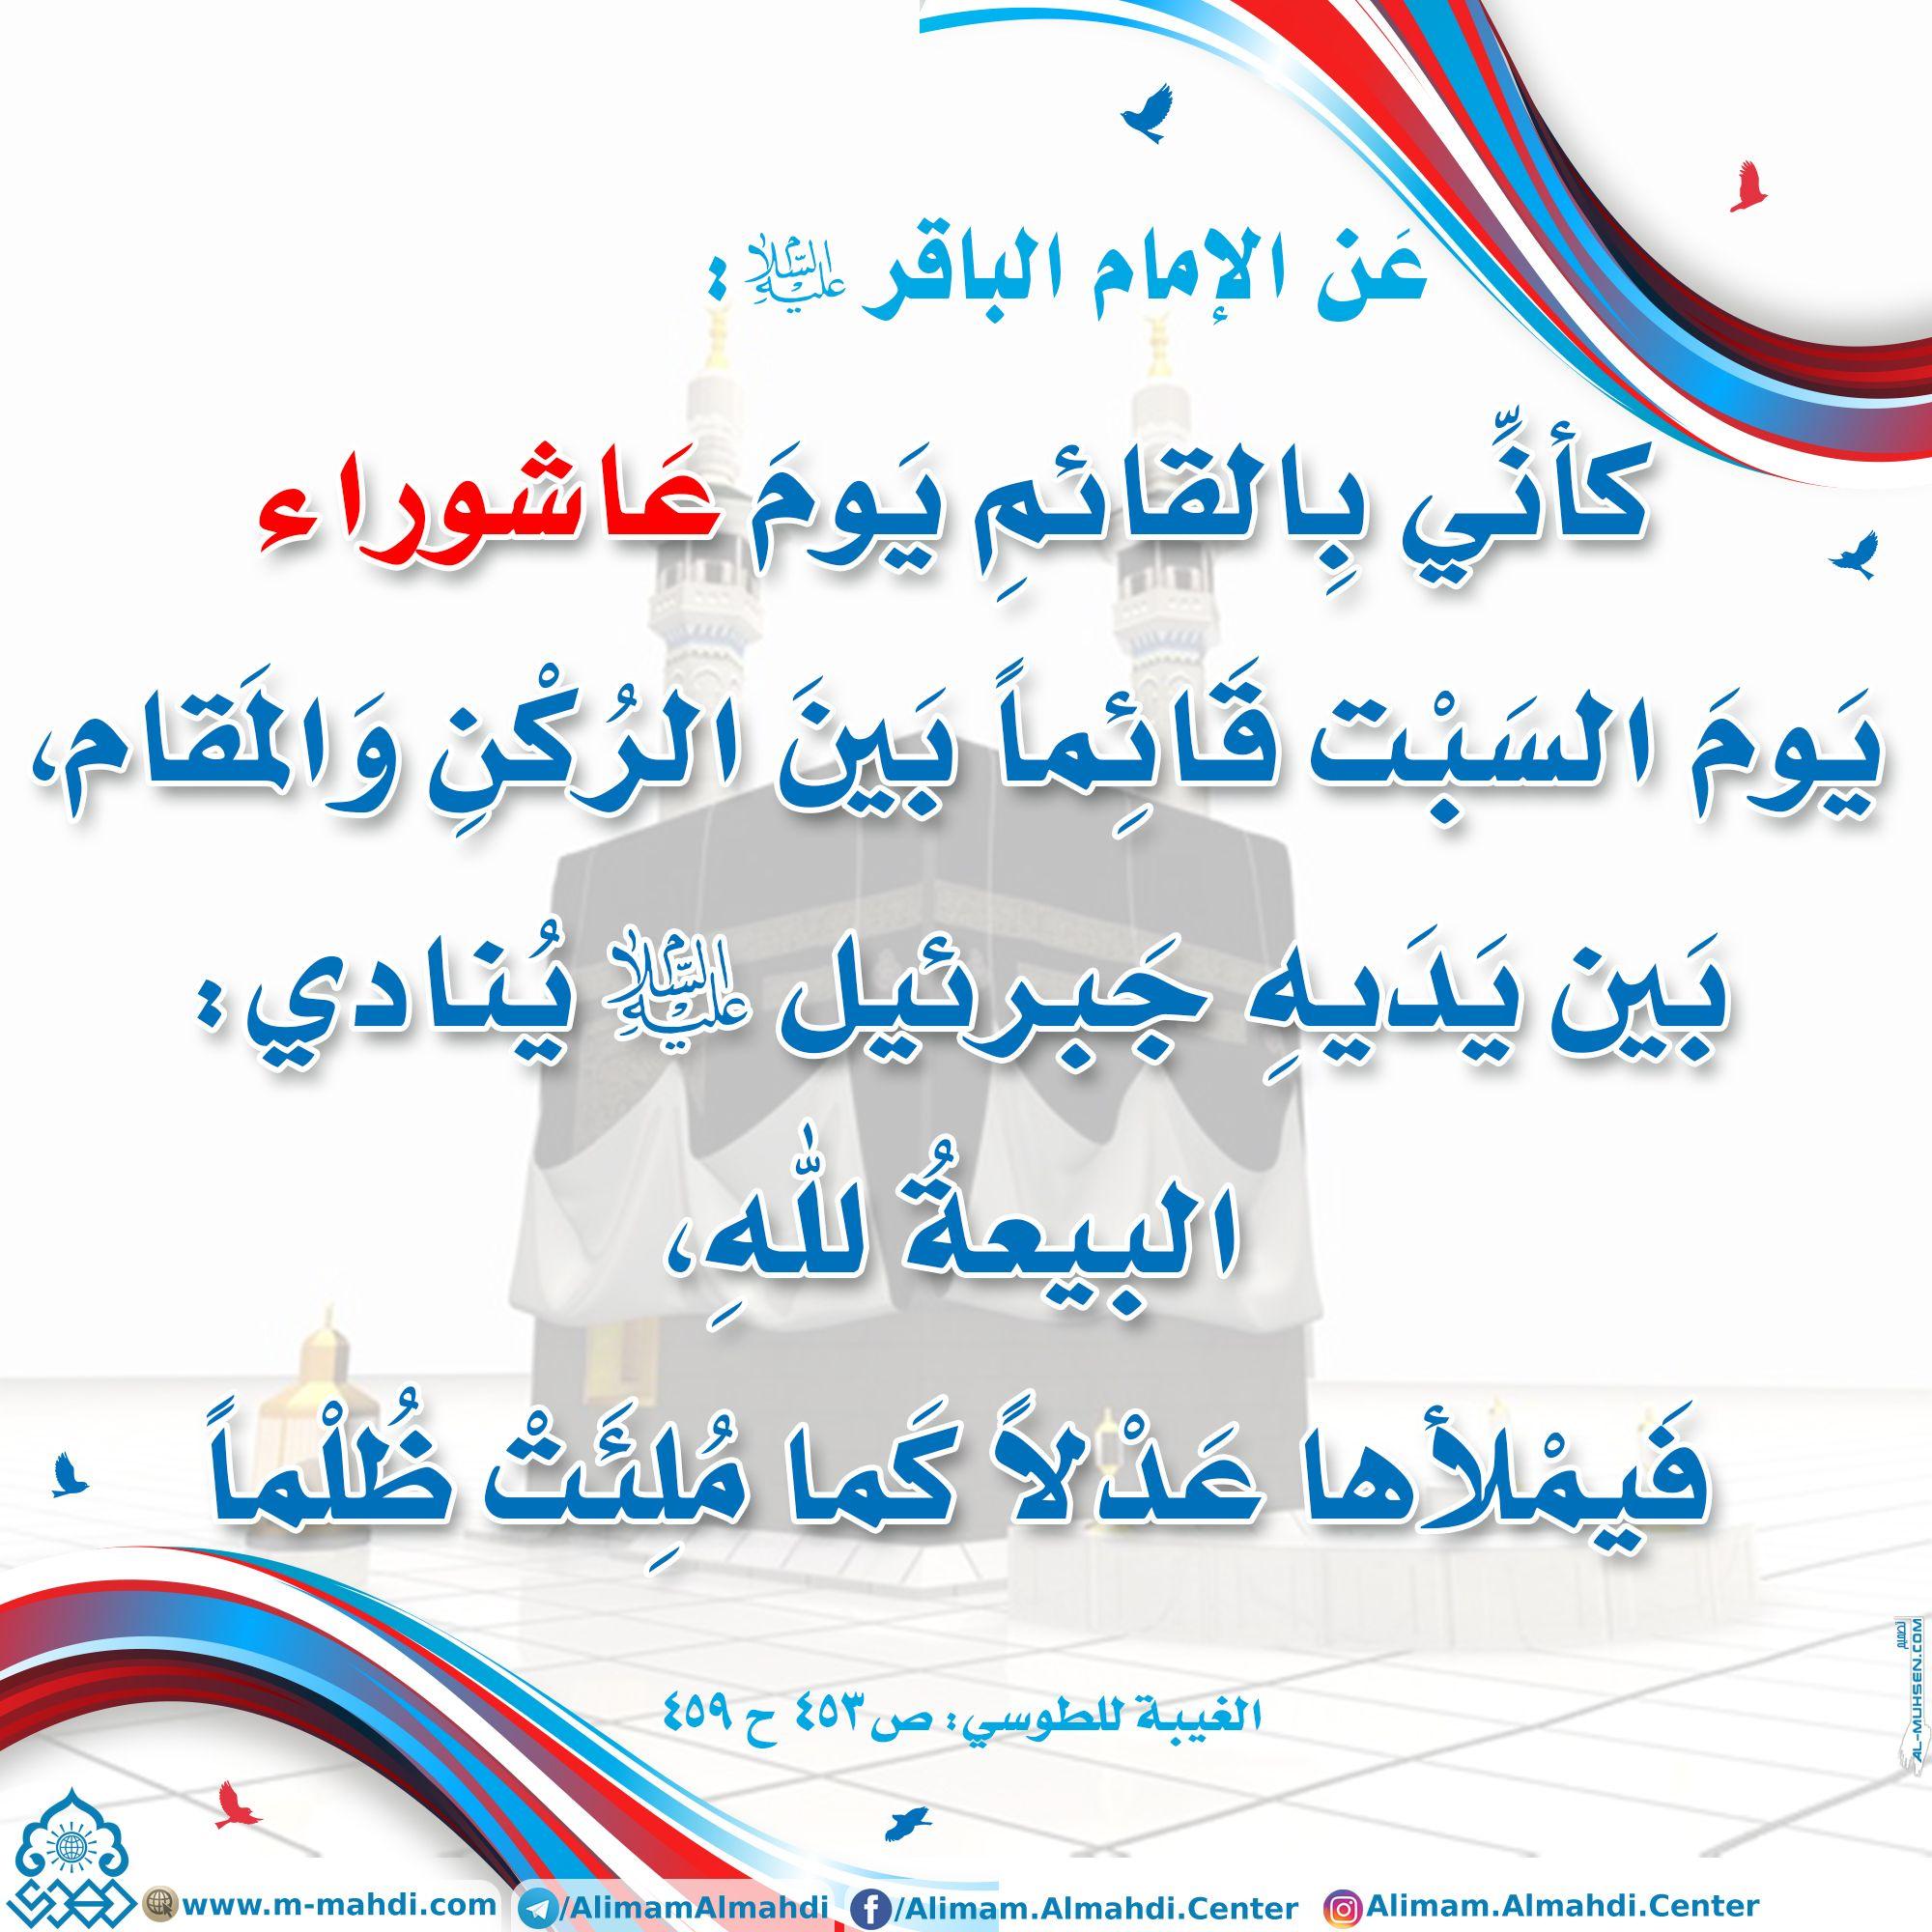 الأحاديث المهدوية Proverbs Quotes Islamic Quotes Quotes